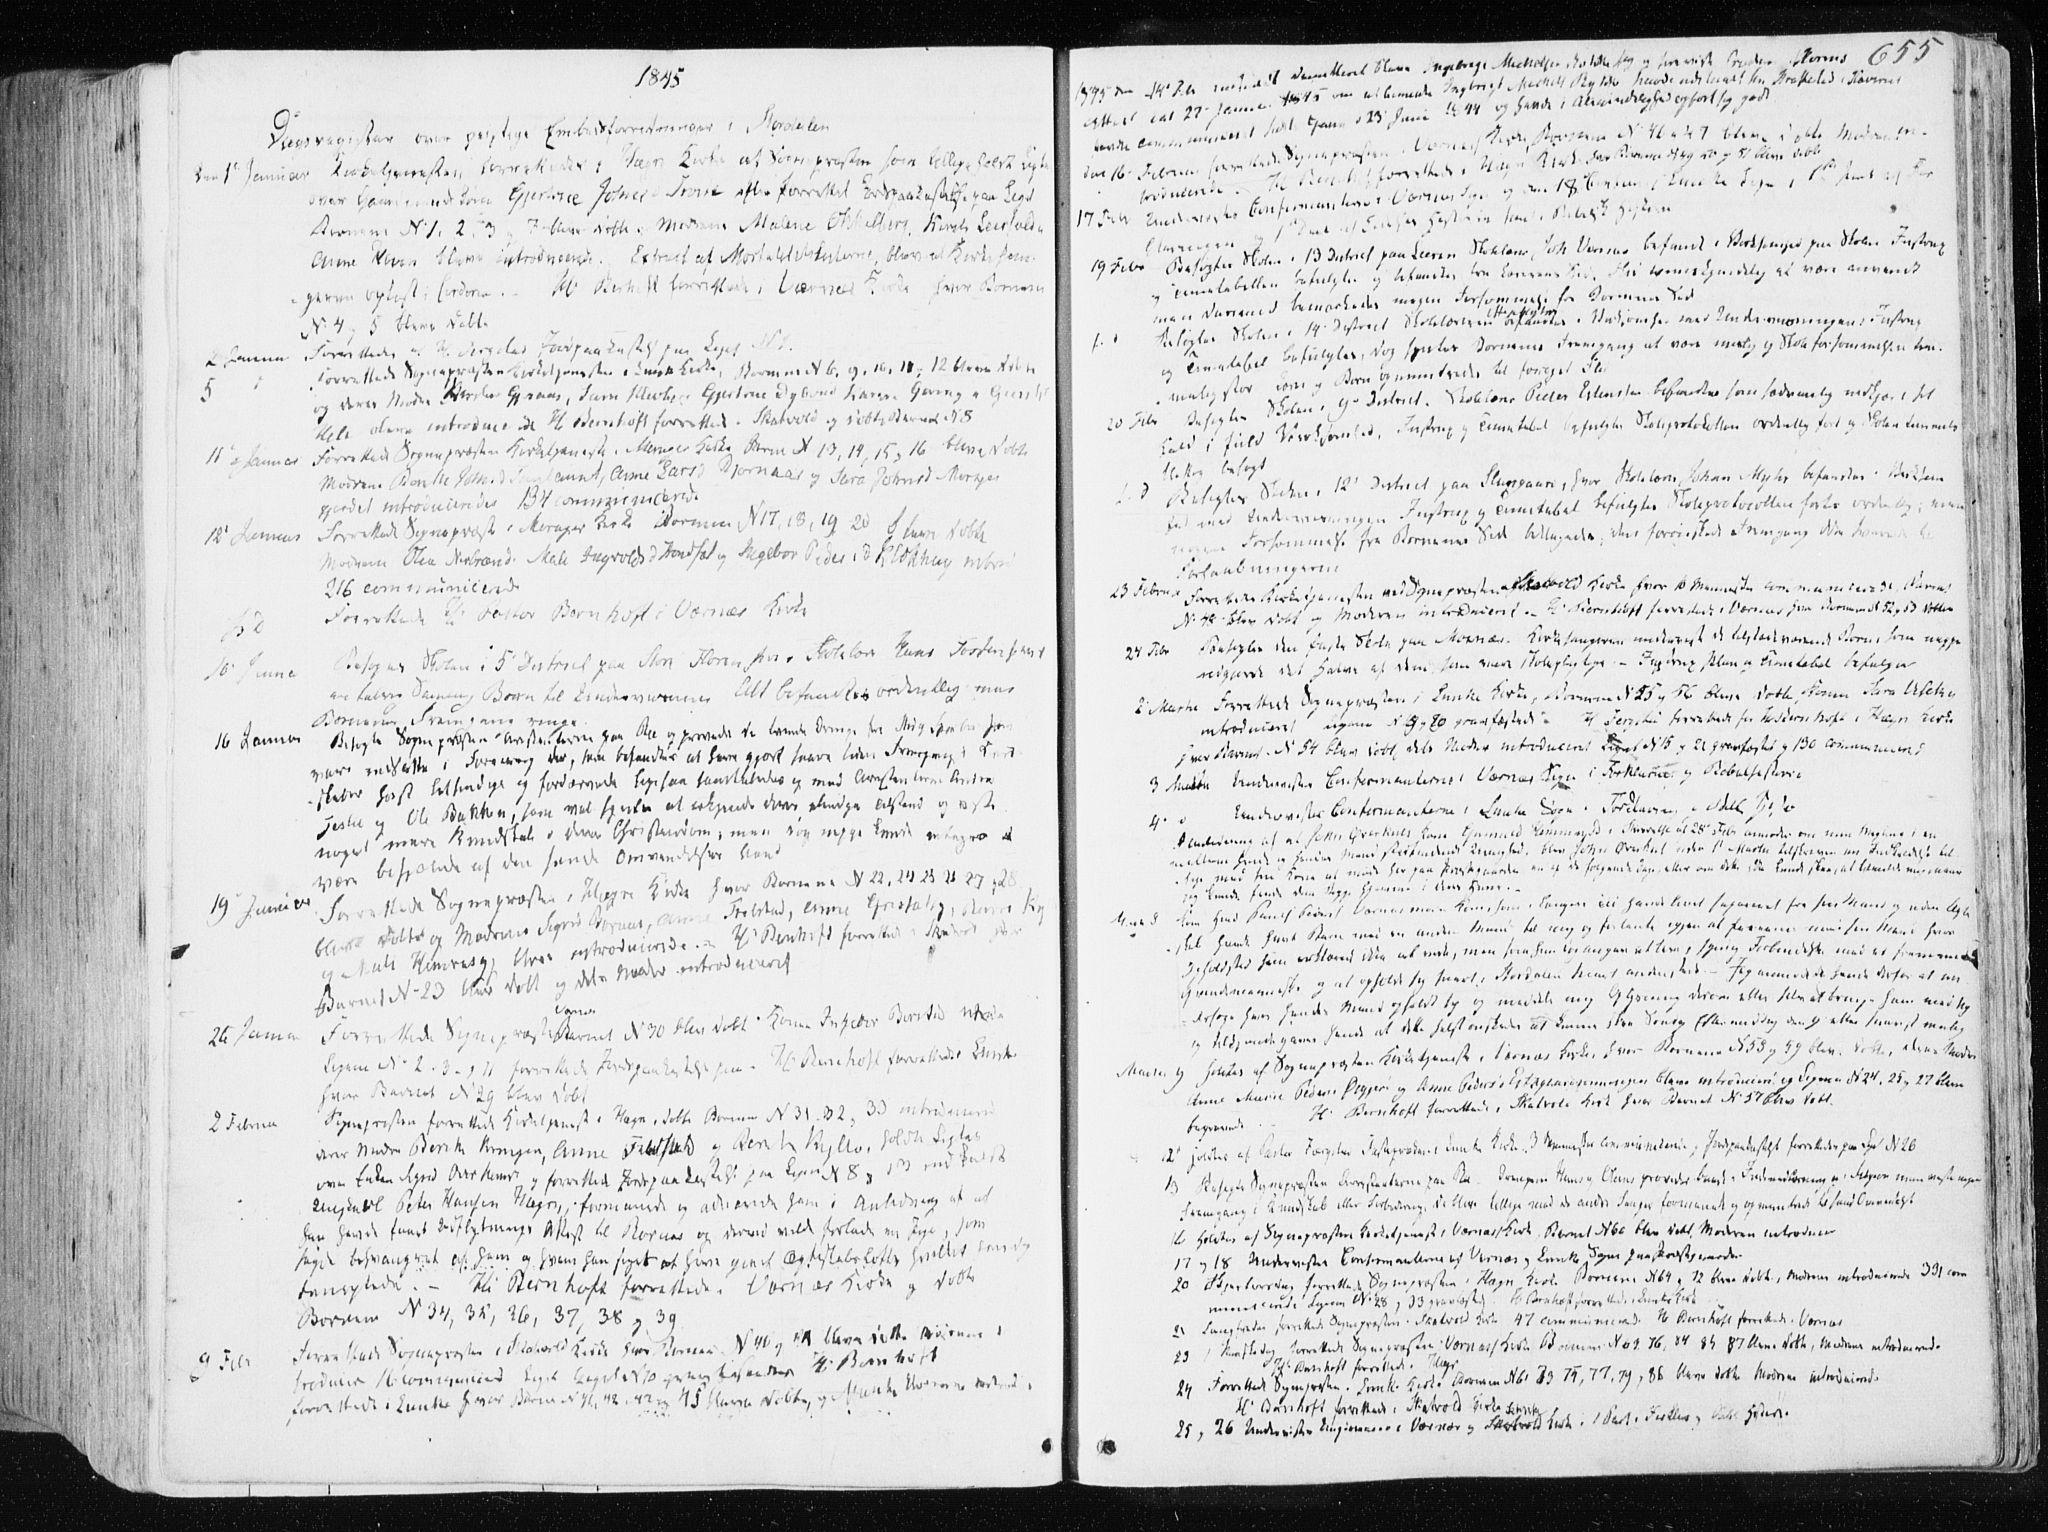 SAT, Ministerialprotokoller, klokkerbøker og fødselsregistre - Nord-Trøndelag, 709/L0074: Ministerialbok nr. 709A14, 1845-1858, s. 655